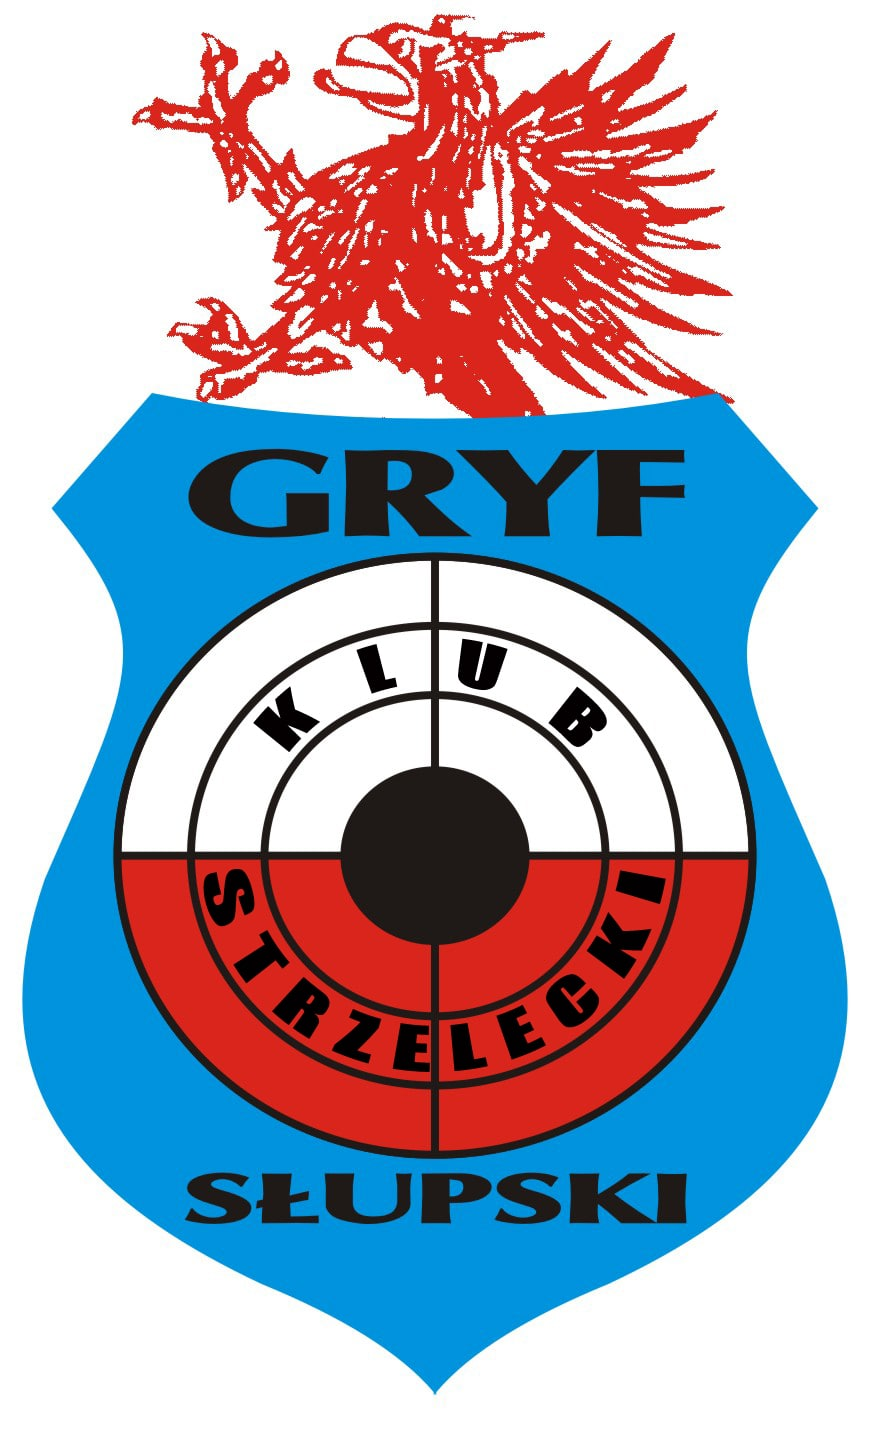 Klub Strzelecki Gryf Słupski